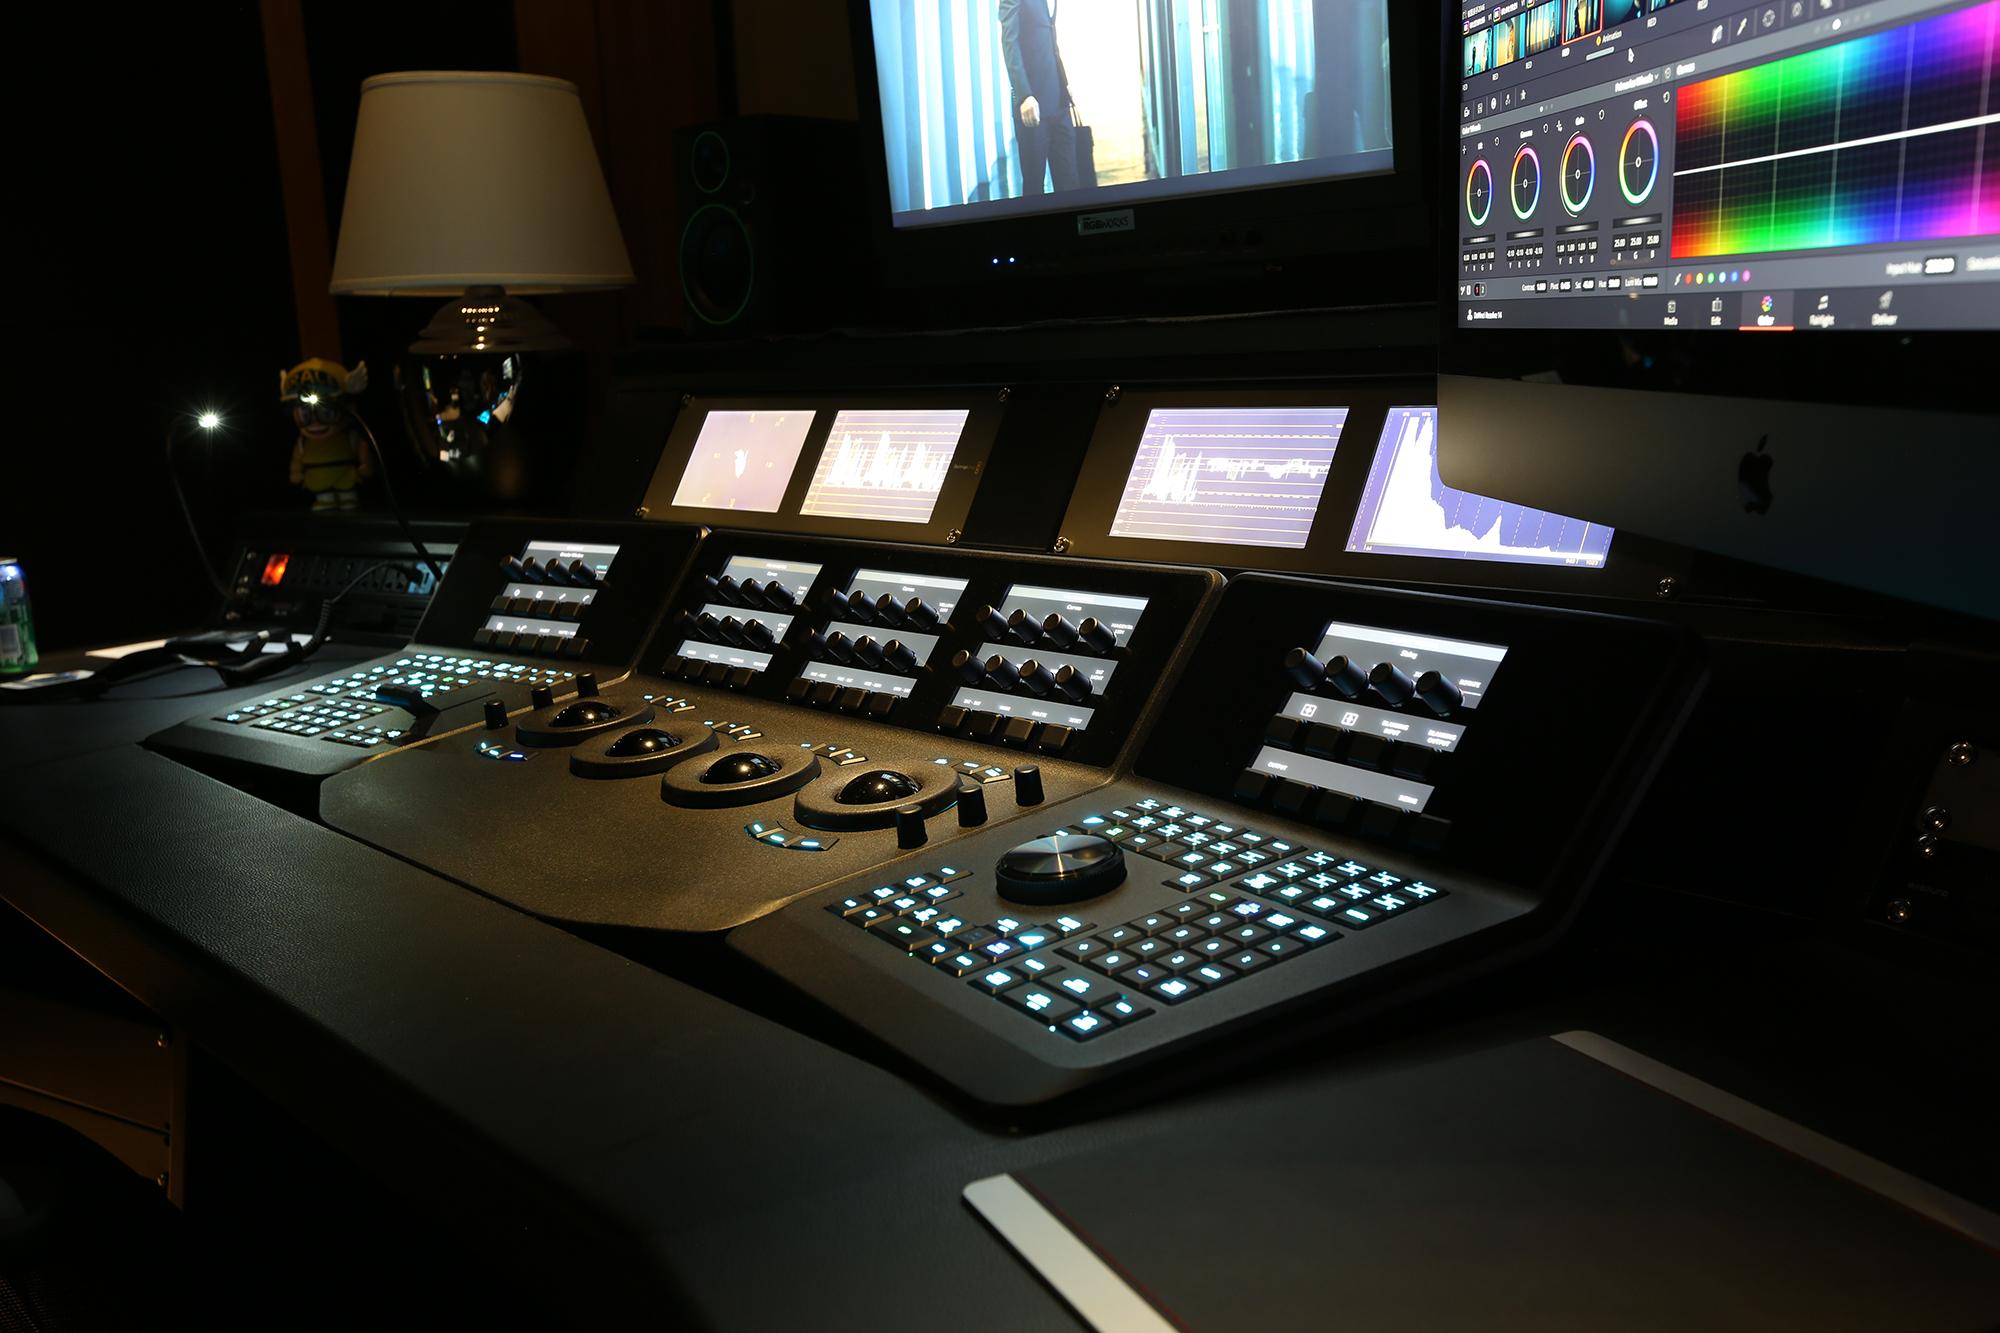 Men för vissa projekt har Sebastian i stället Resolve Studio och Resolve Panels där det behövs flexibilitet.